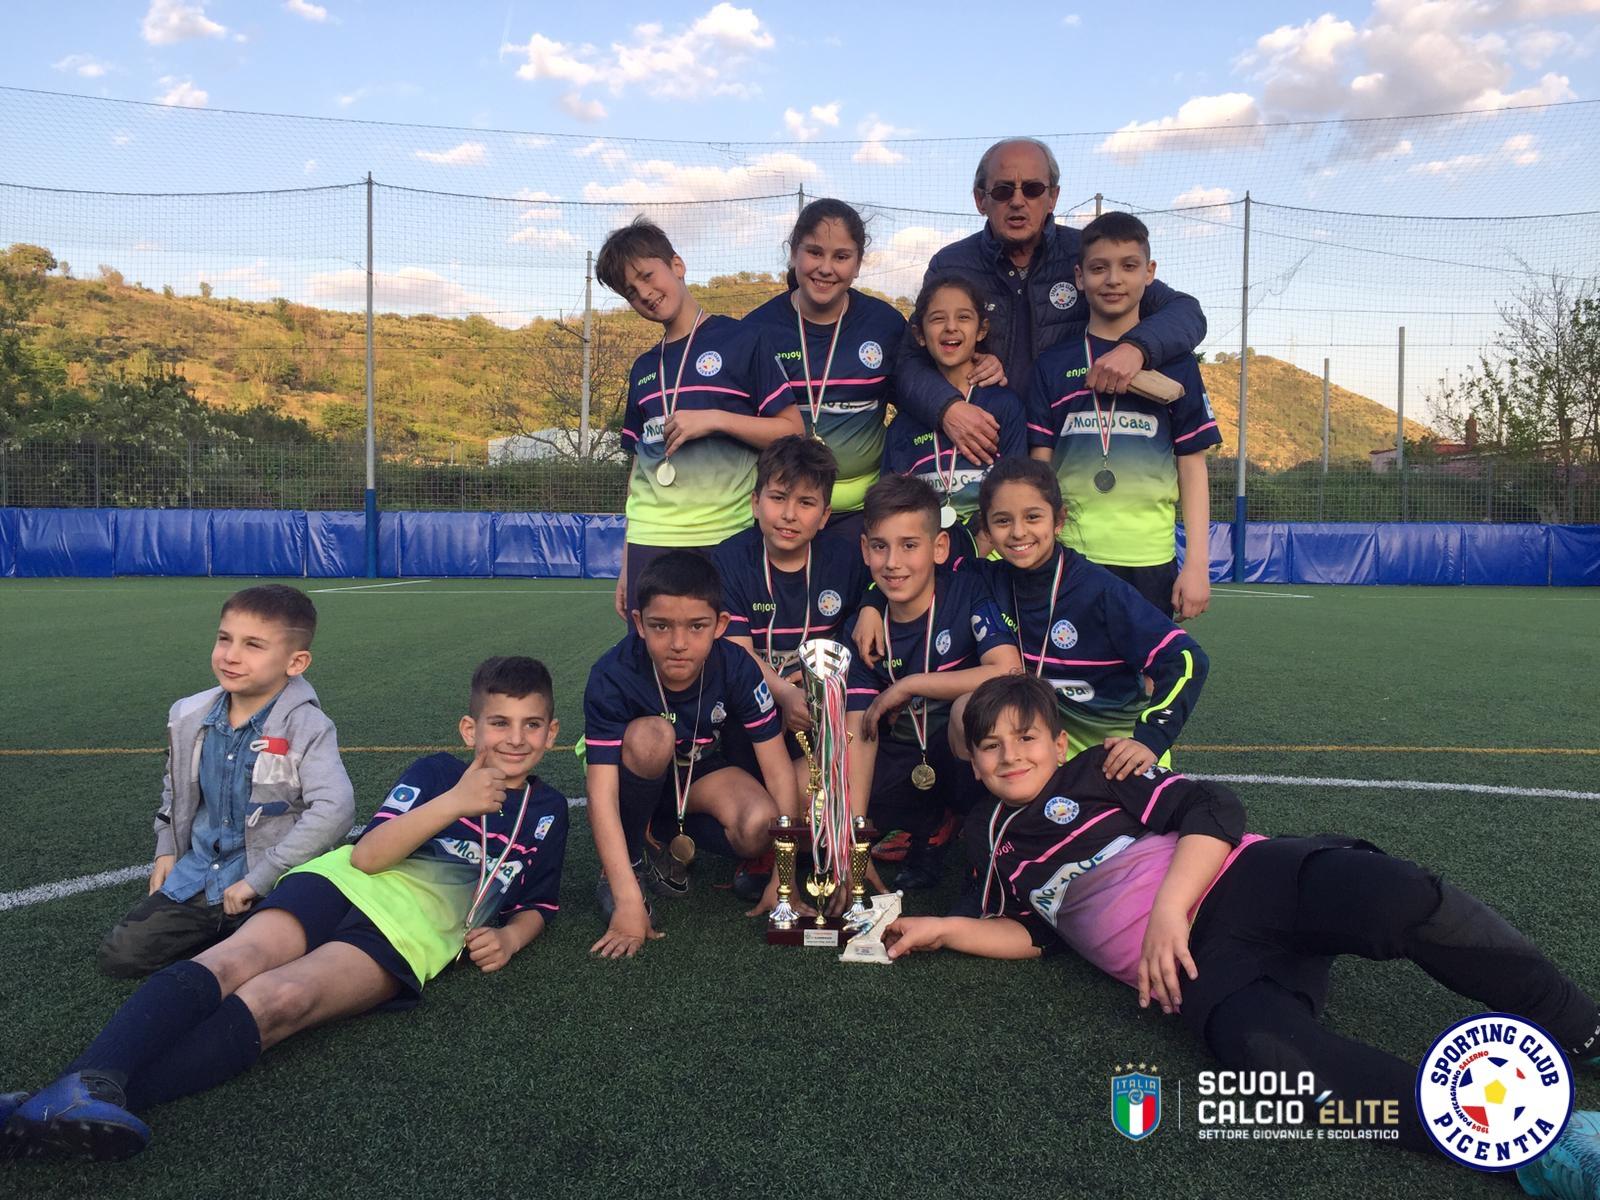 http://www.sportingpicentia.com/wp-content/uploads/2020/03/phonto.jpg